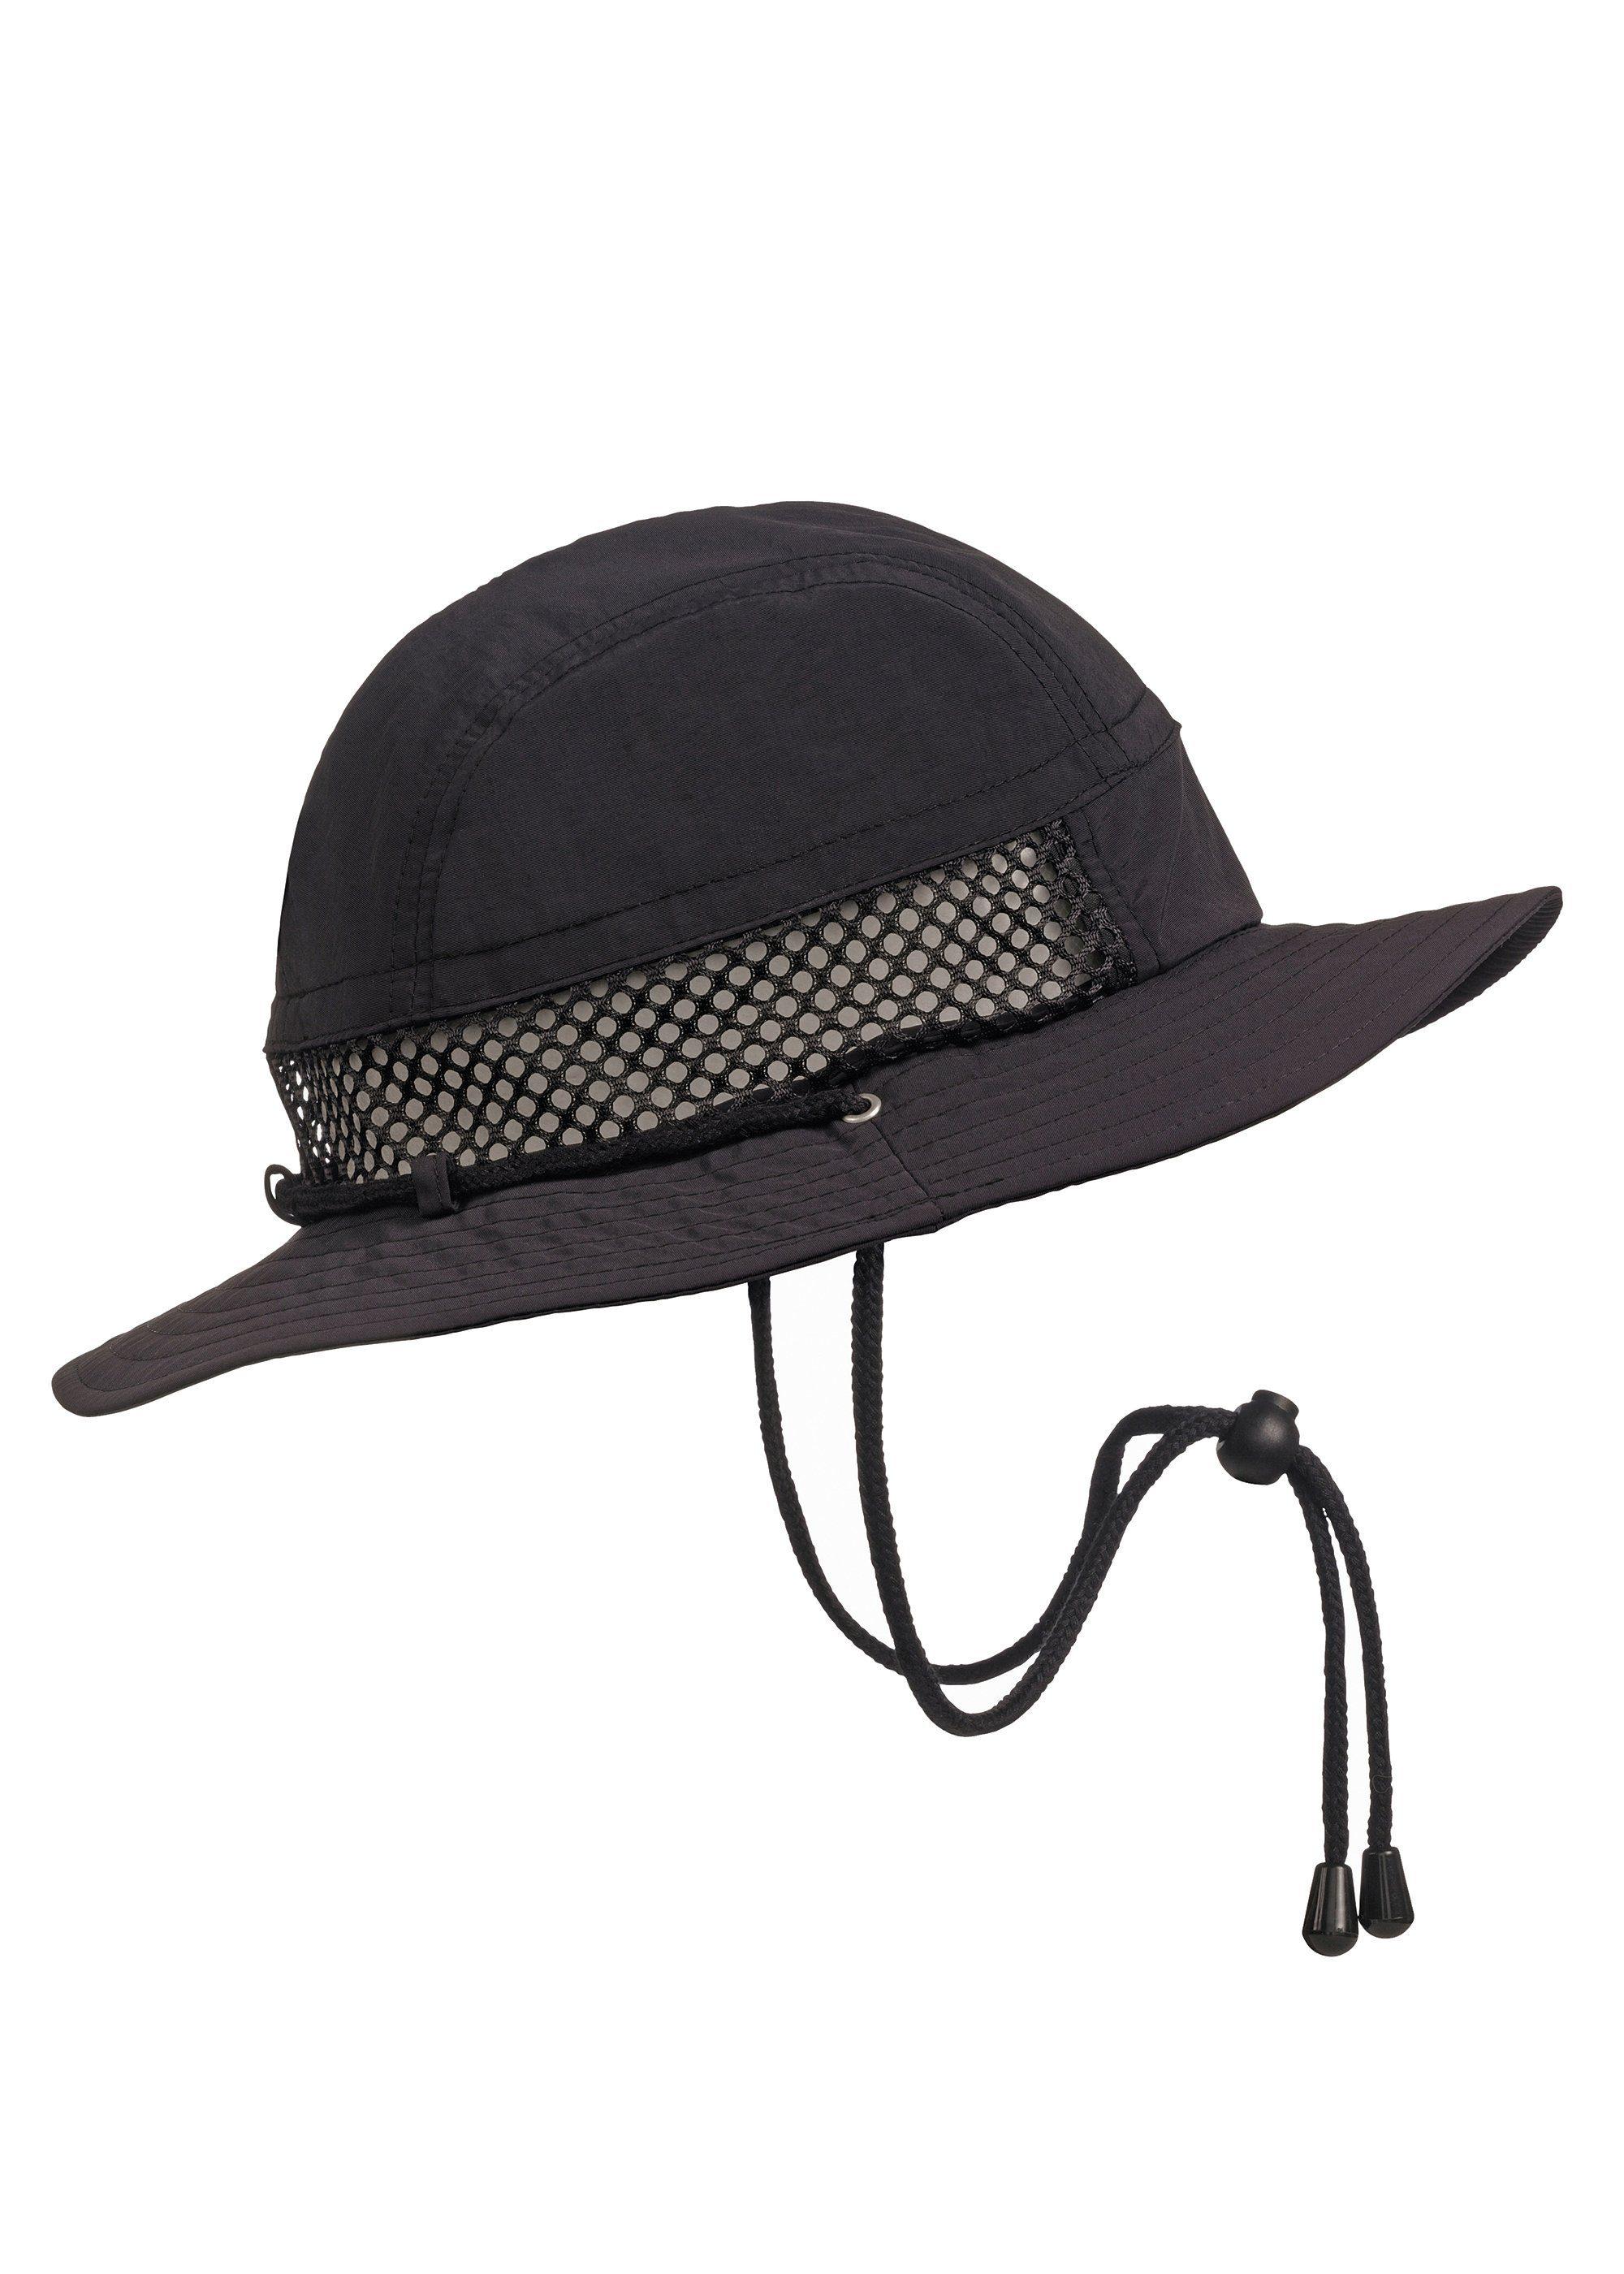 STÖHR Hut mit Mesh - schützt gegen Sonne und Regen | Accessoires > Hüte | Schwarz | Stoehr